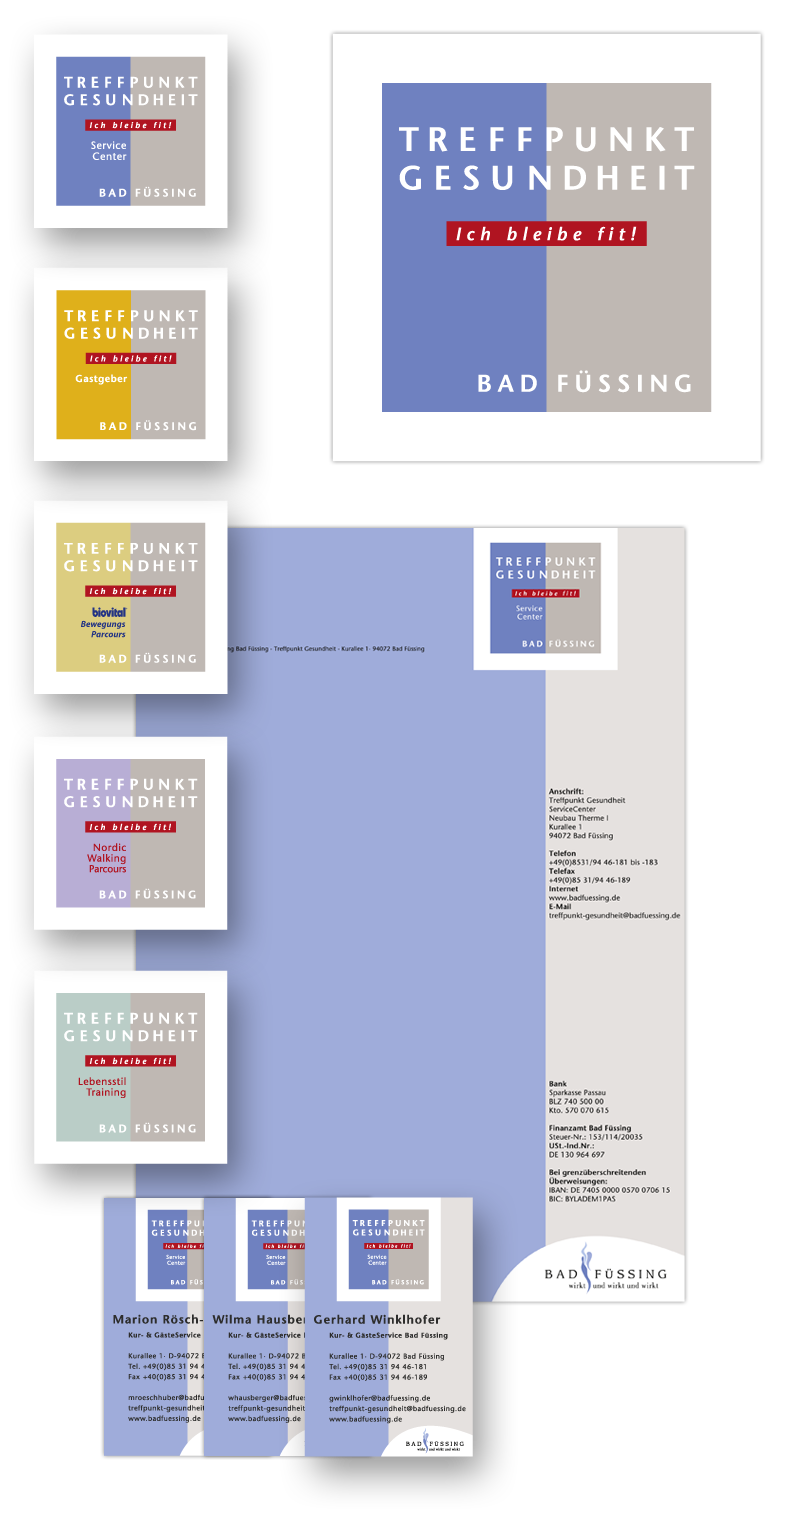 Bad Füssing / Geschäftsausstattung